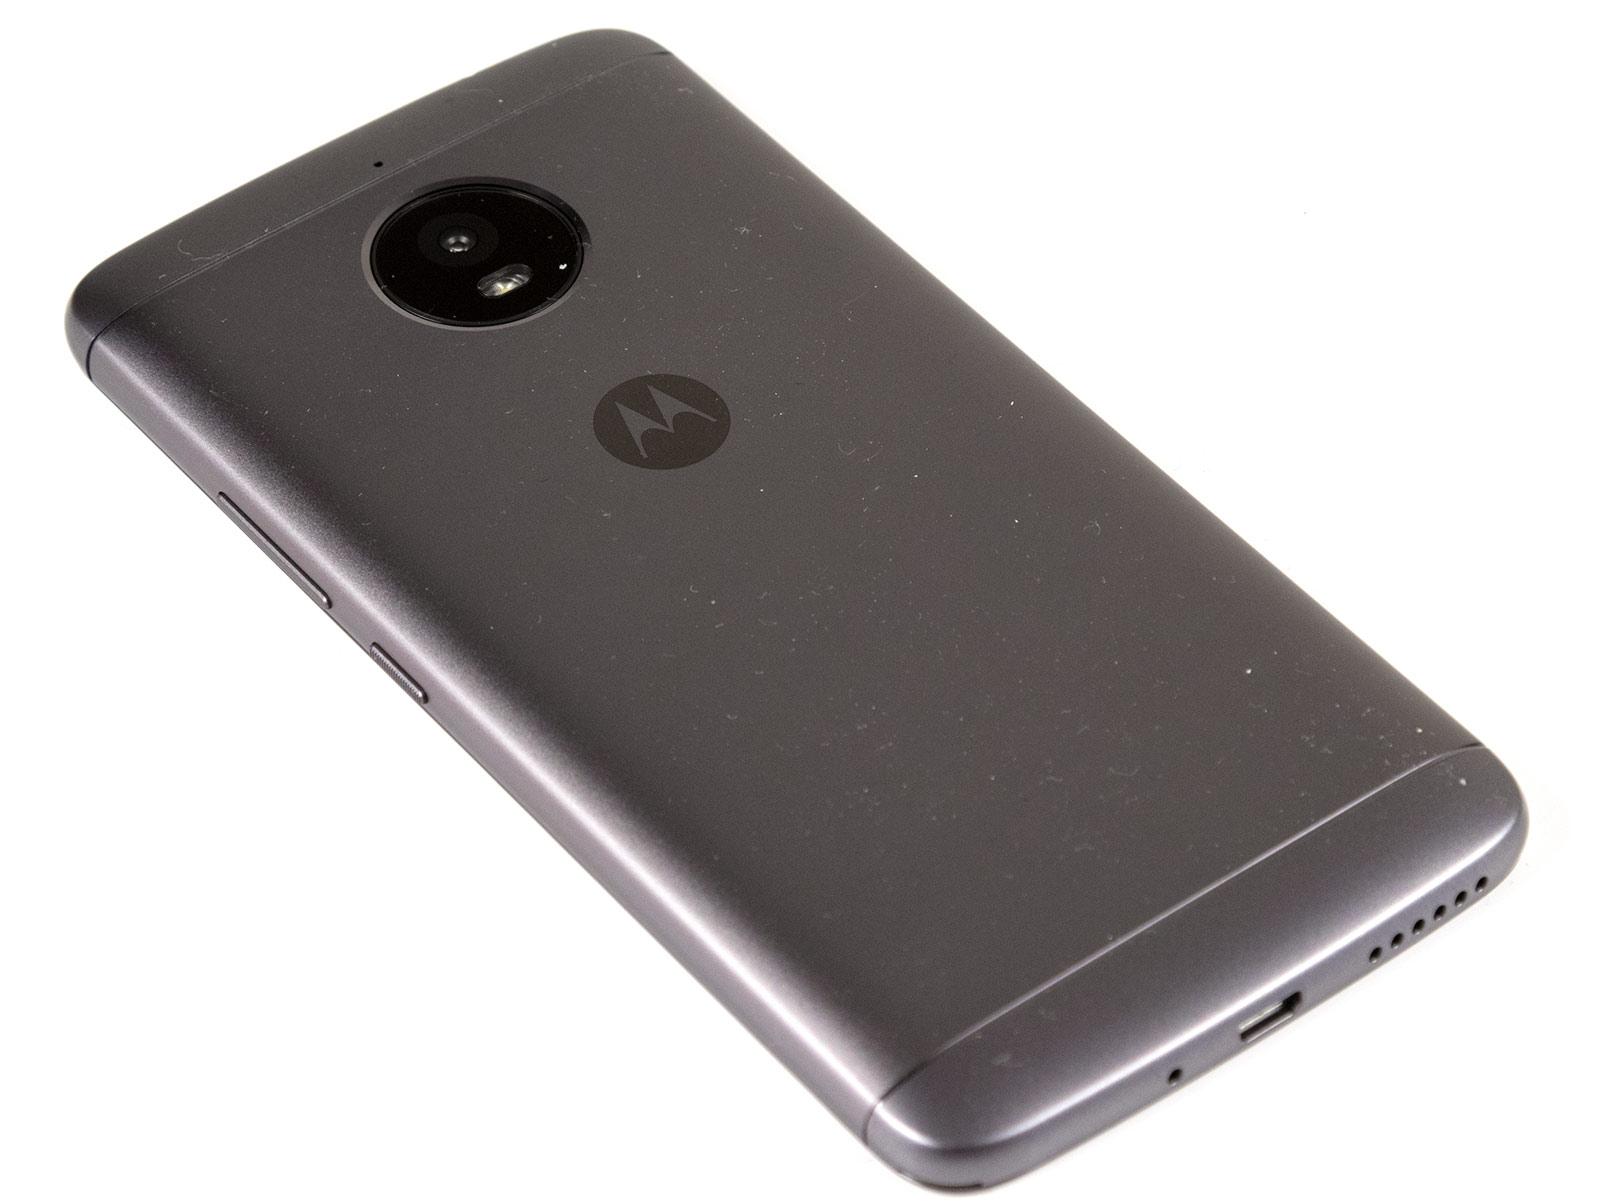 Обзор смартфона Moto E Plus: 5000 мАч в тонком корпусе - 10